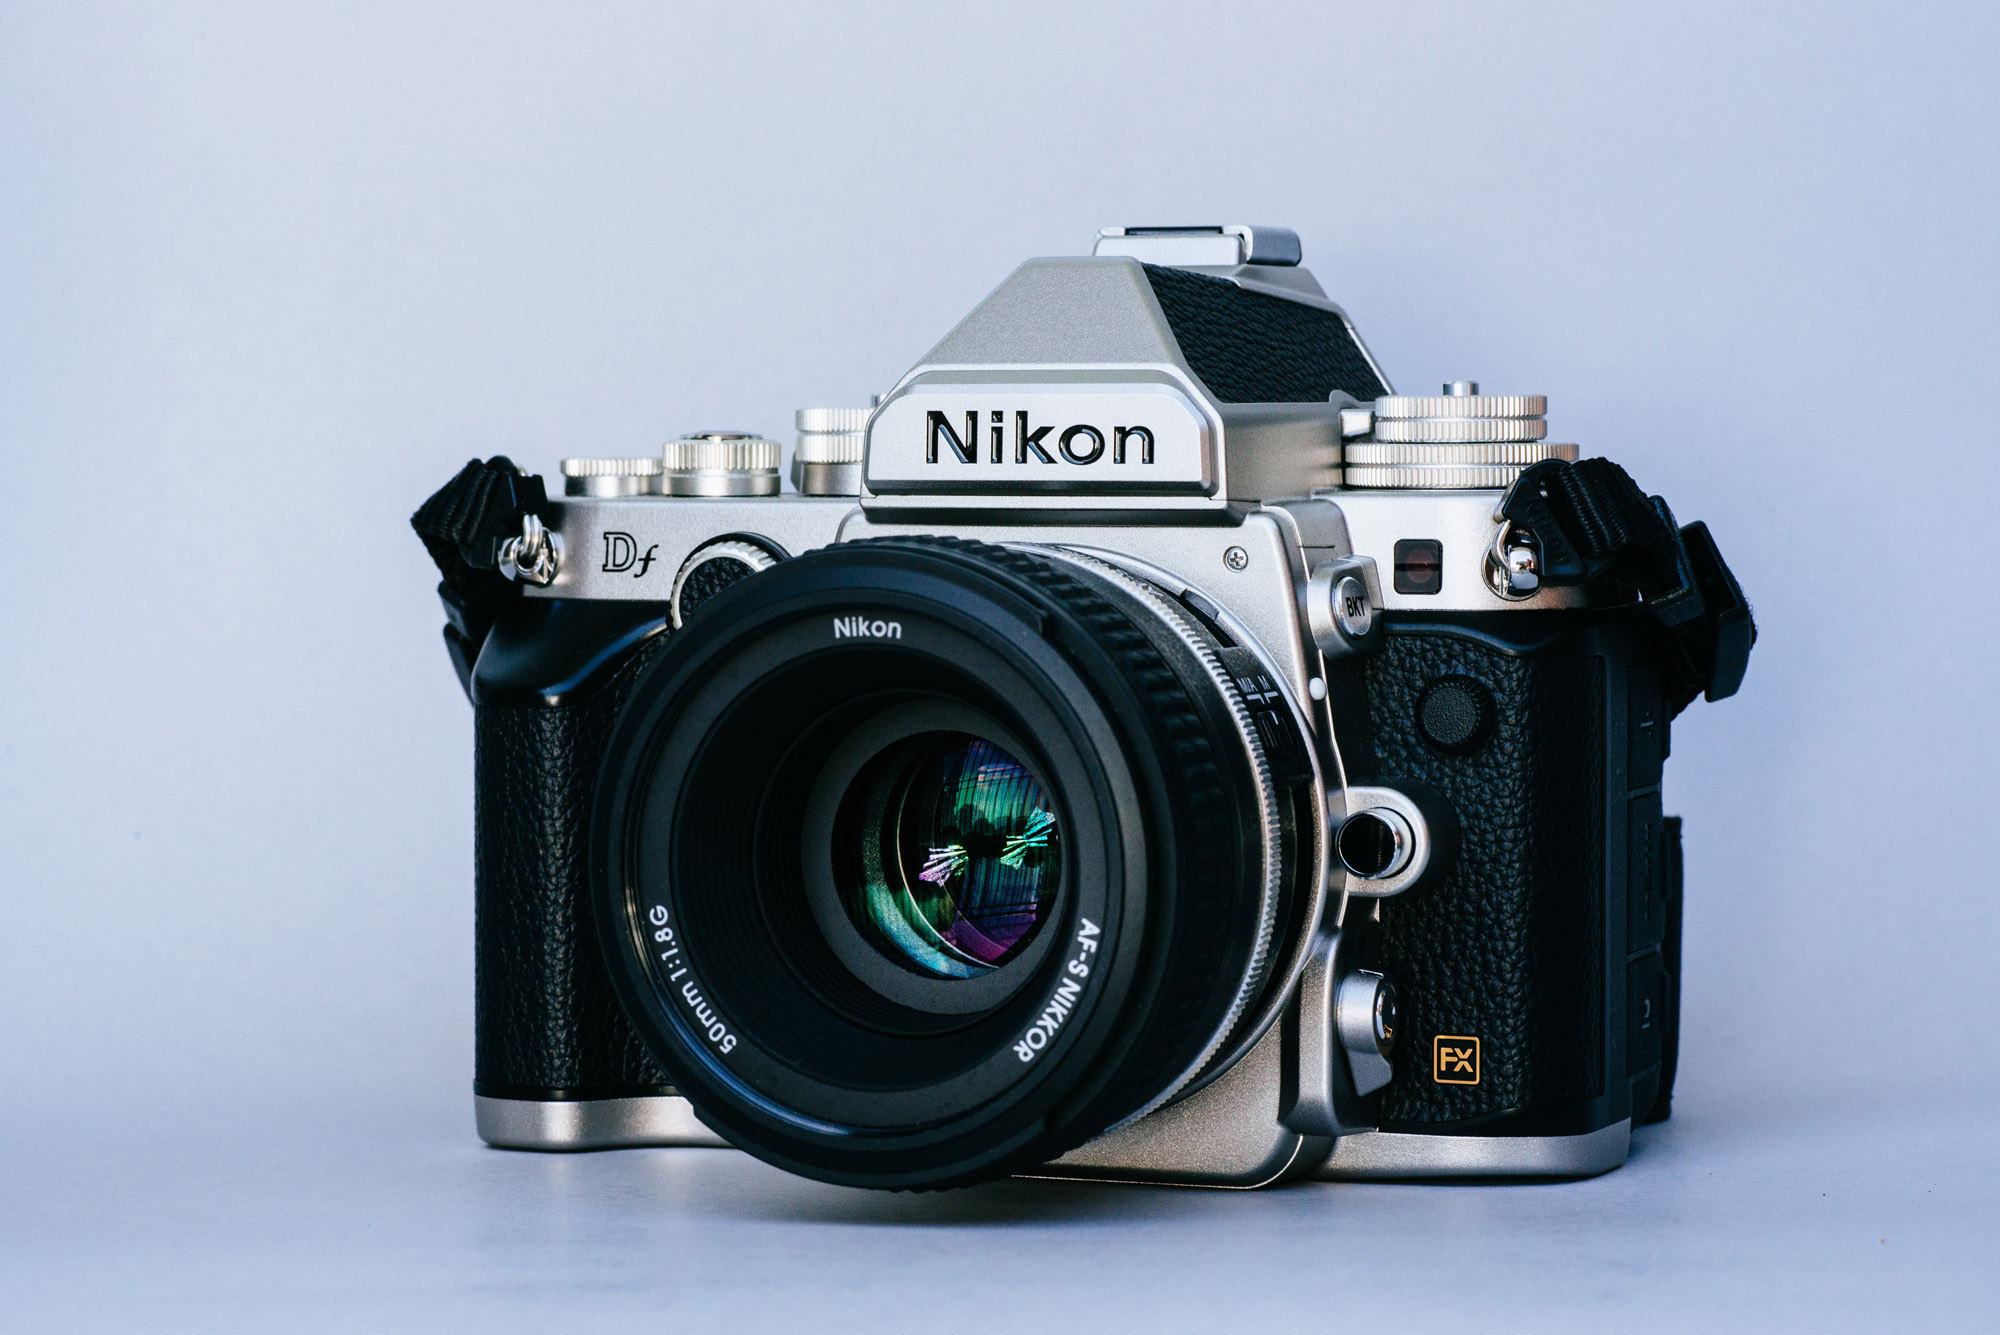 NikonDf-1